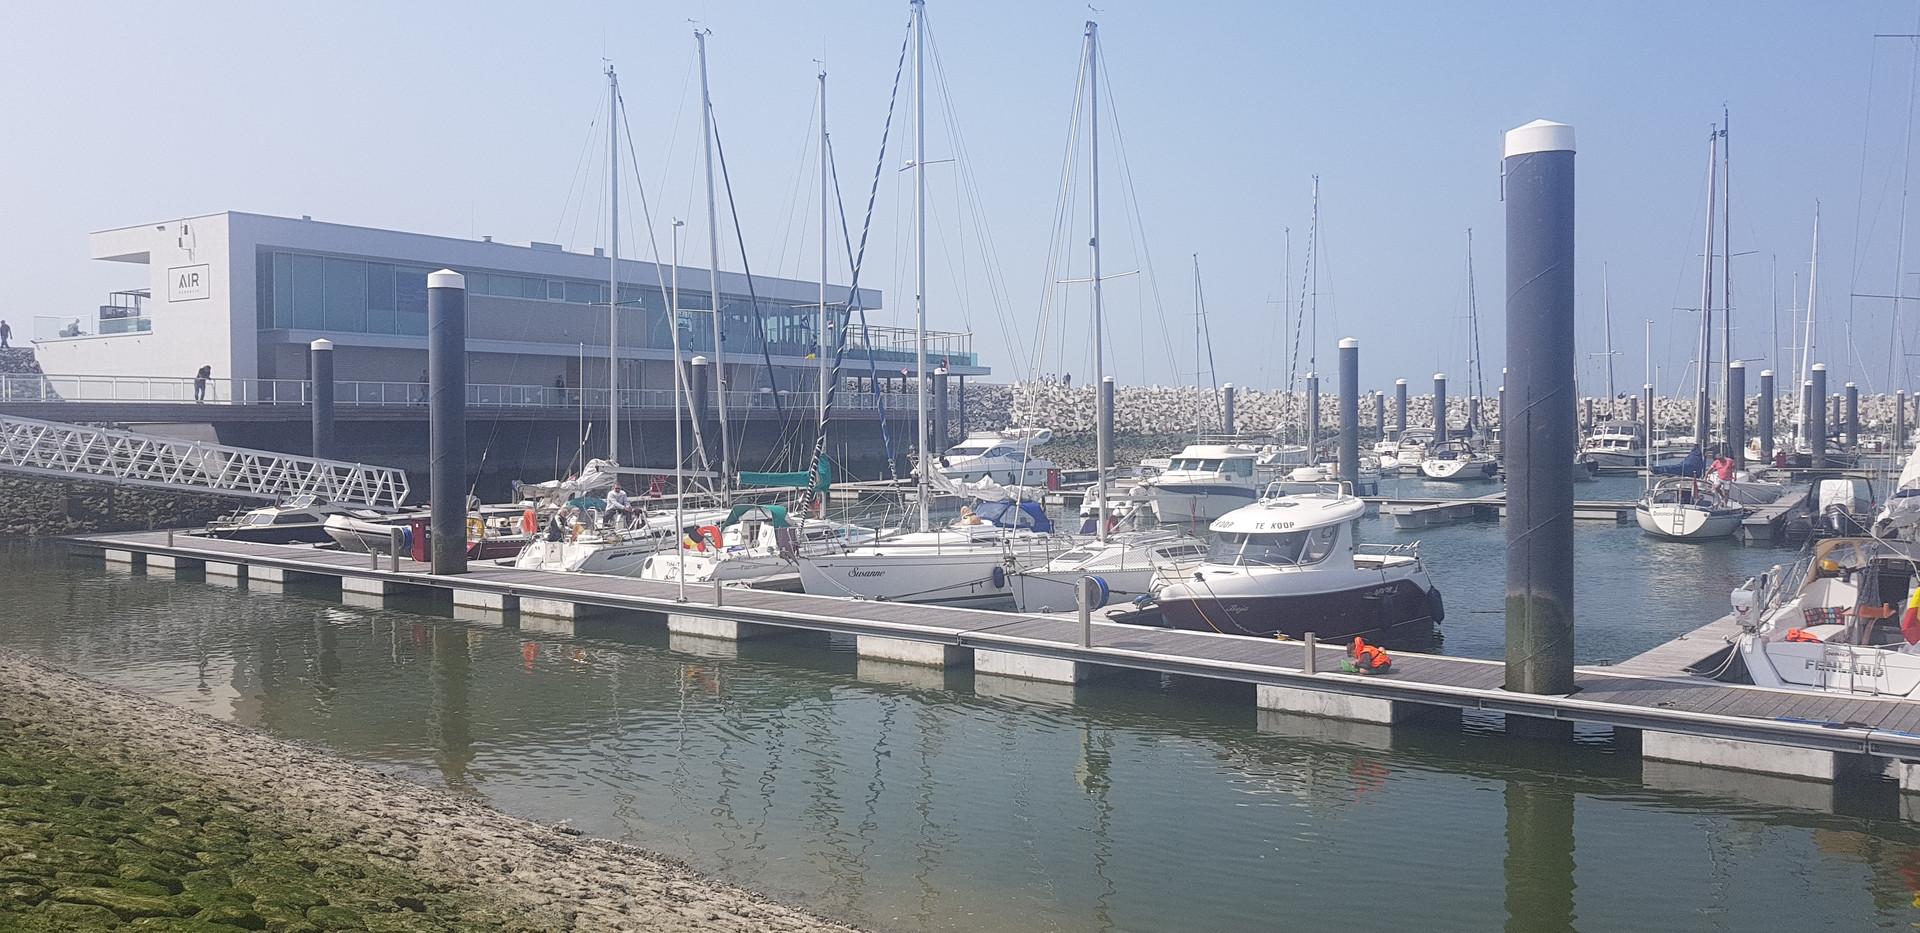 Yachthafen Cadzand Bonnies